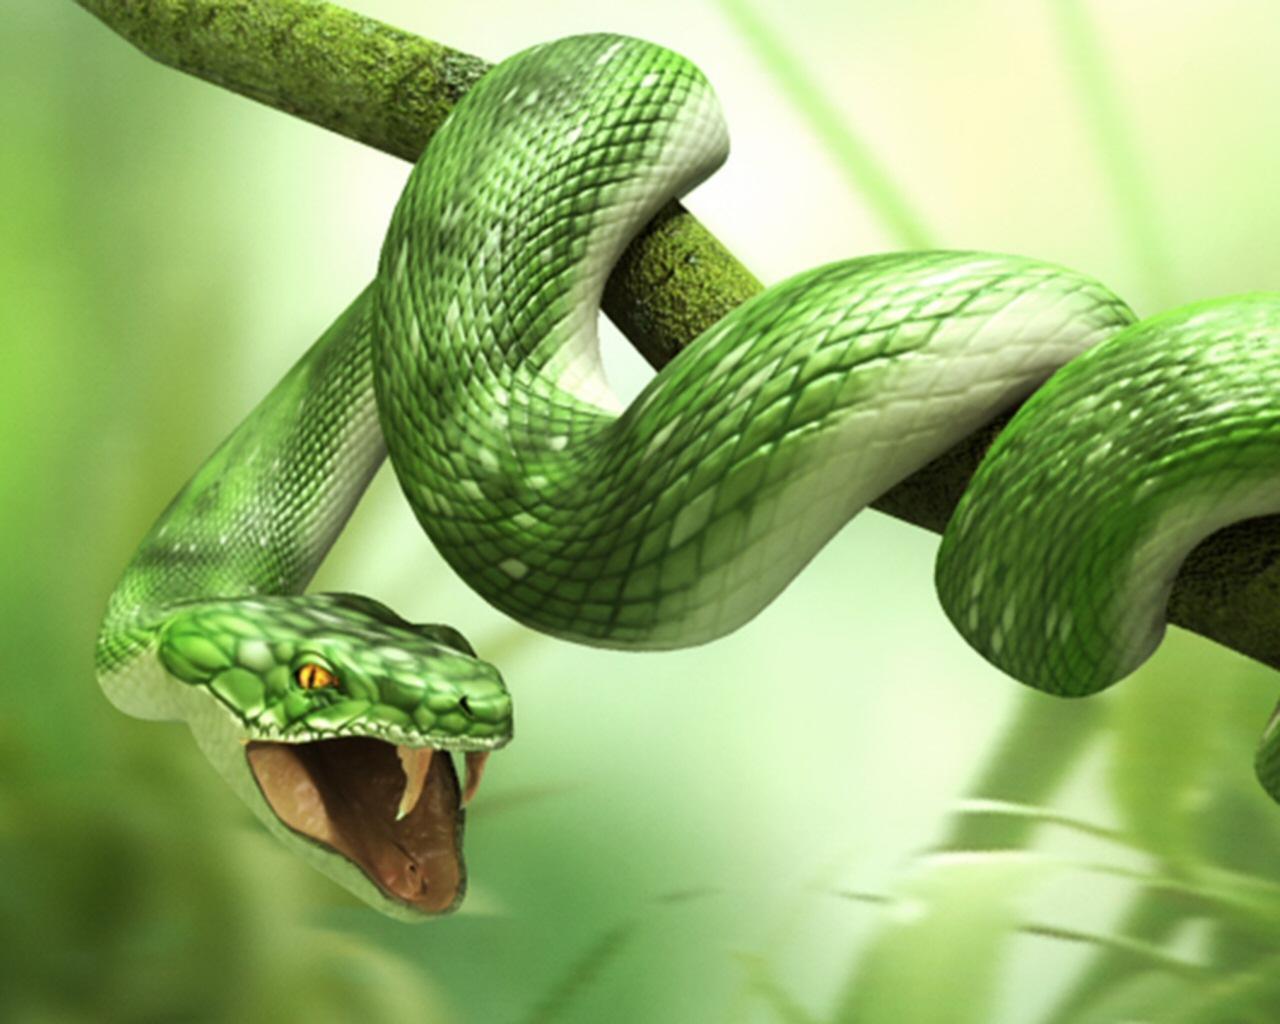 Posizione del serpente